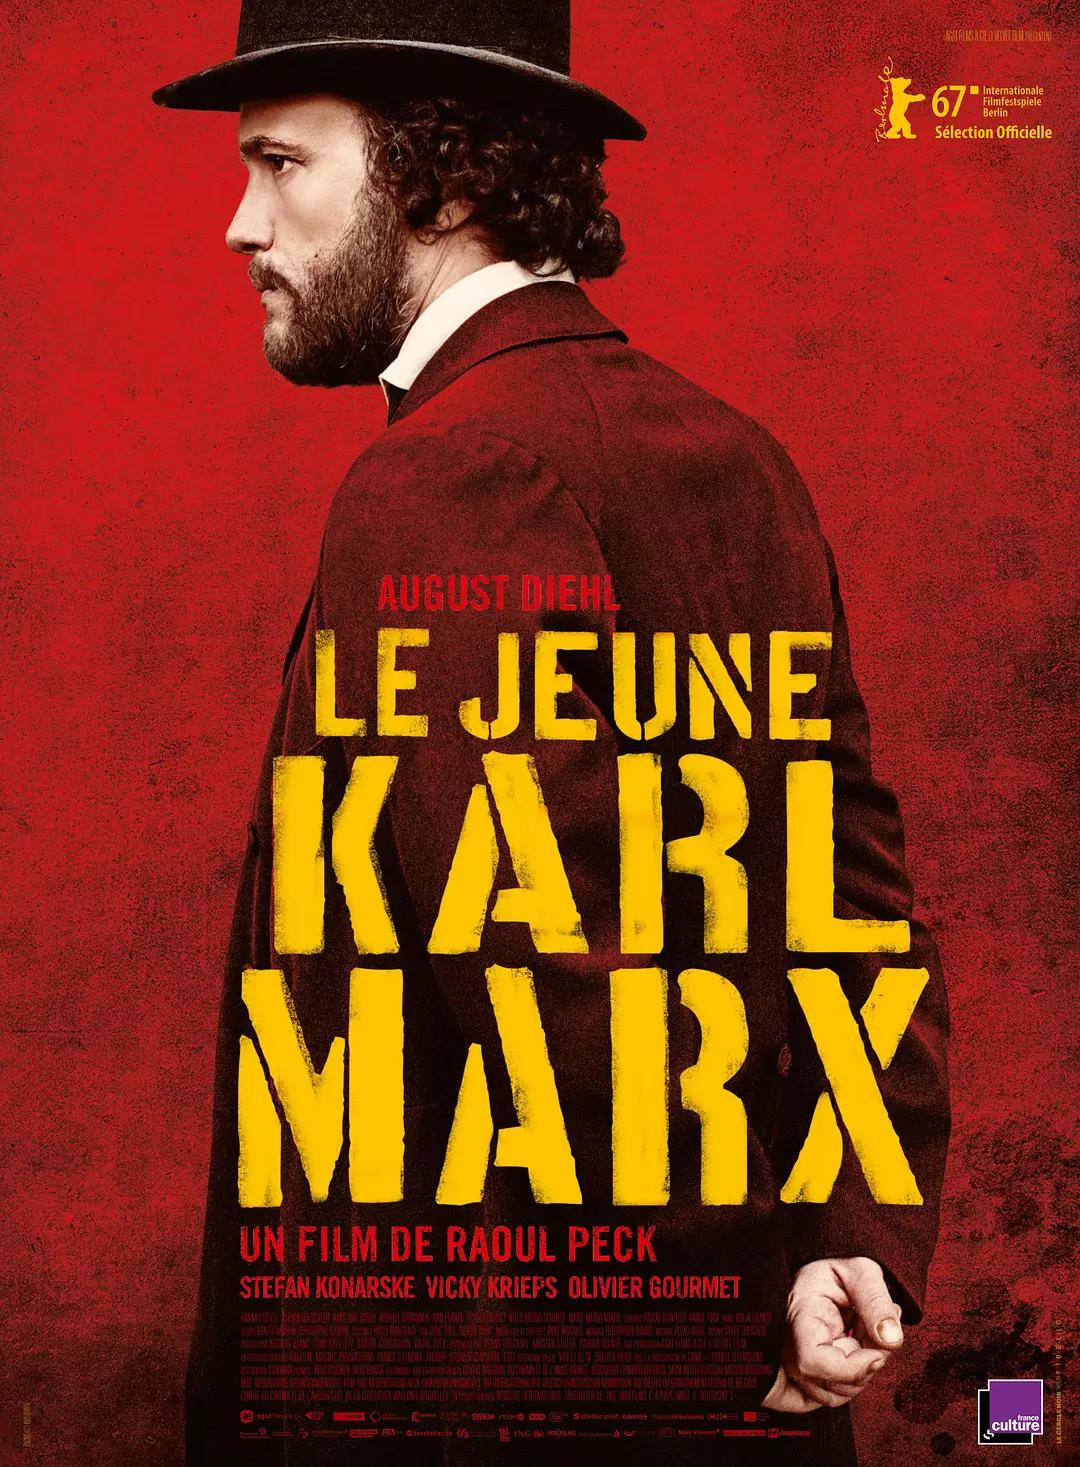 2017.[剧情/传记/历史][青年马克思/Le jeune Karl Marx ]高清资源下载图片 第1张